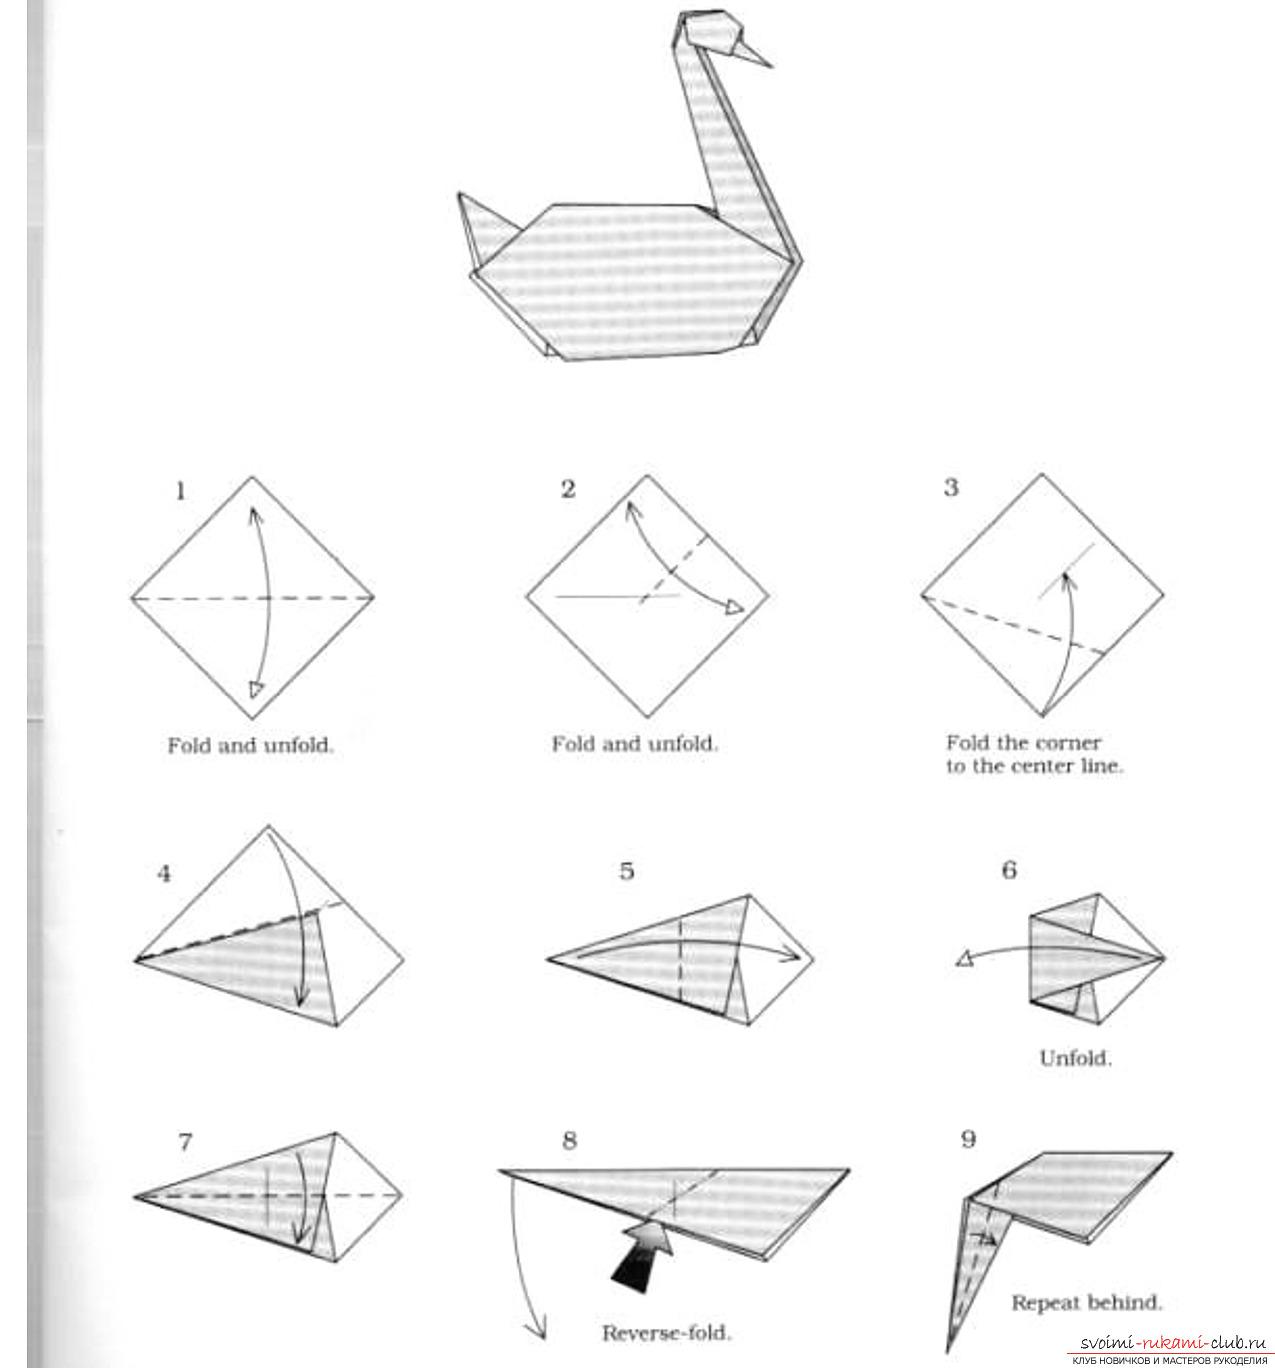 Lebed origami Mali Seznajovci  YouTube